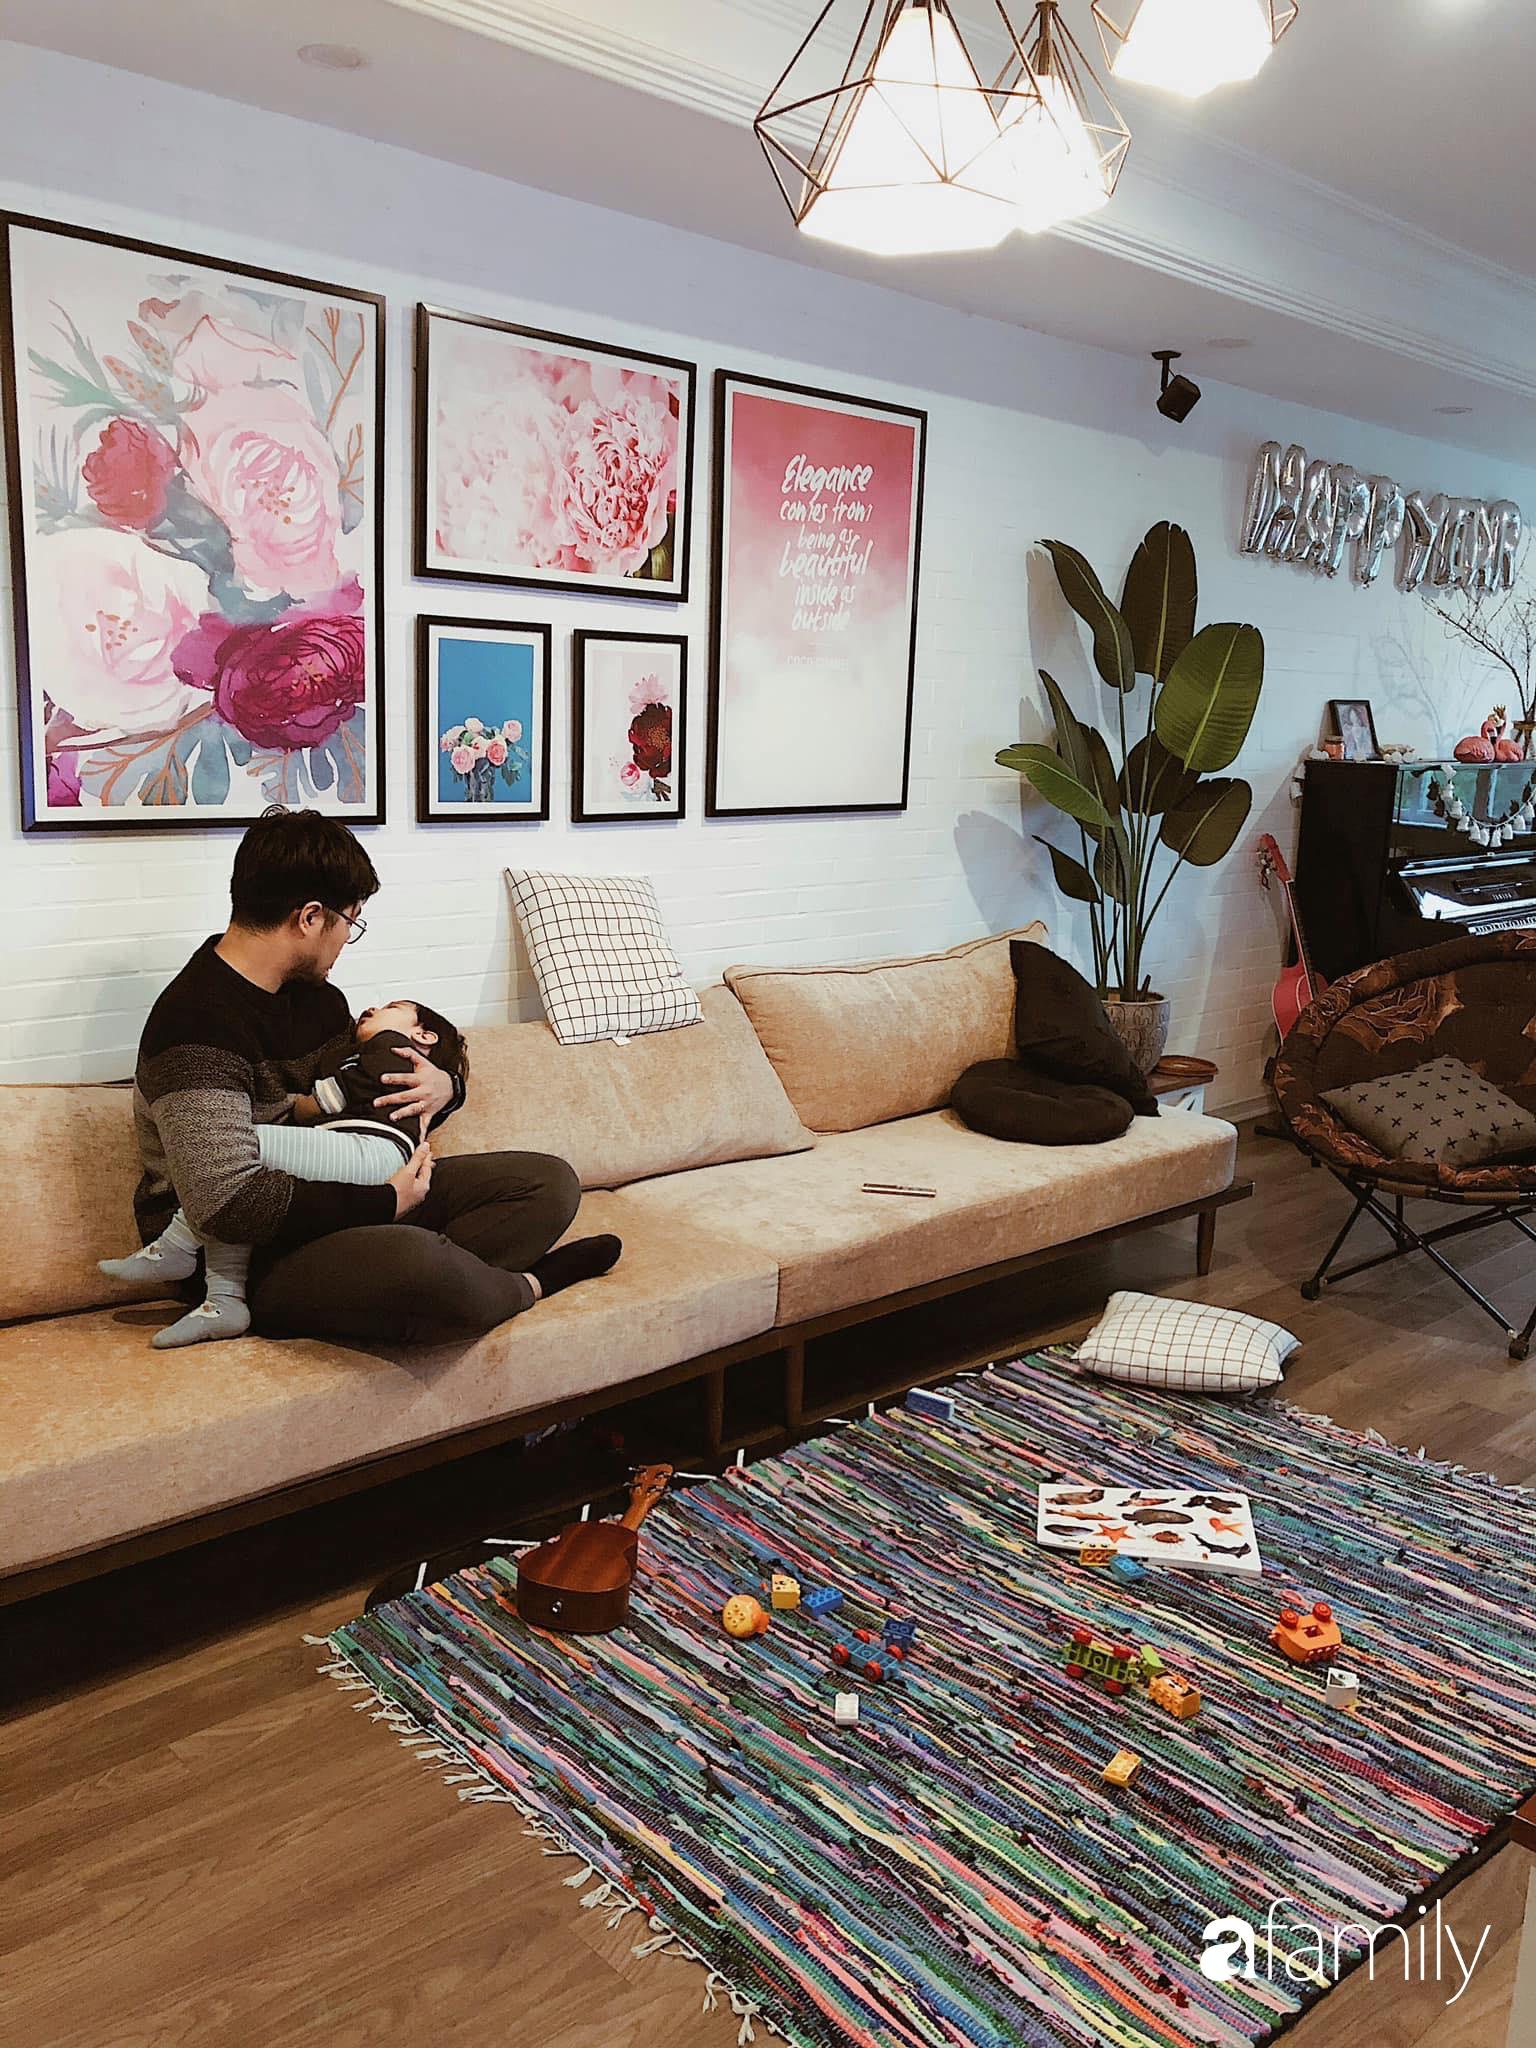 Căn hộ 145m² được décor ấn tượng với điểm nhấn màu xanh ngọc cùng tranh treo tường từ người phụ nữ yêu gia đình ở Hà Nội - Ảnh 3.